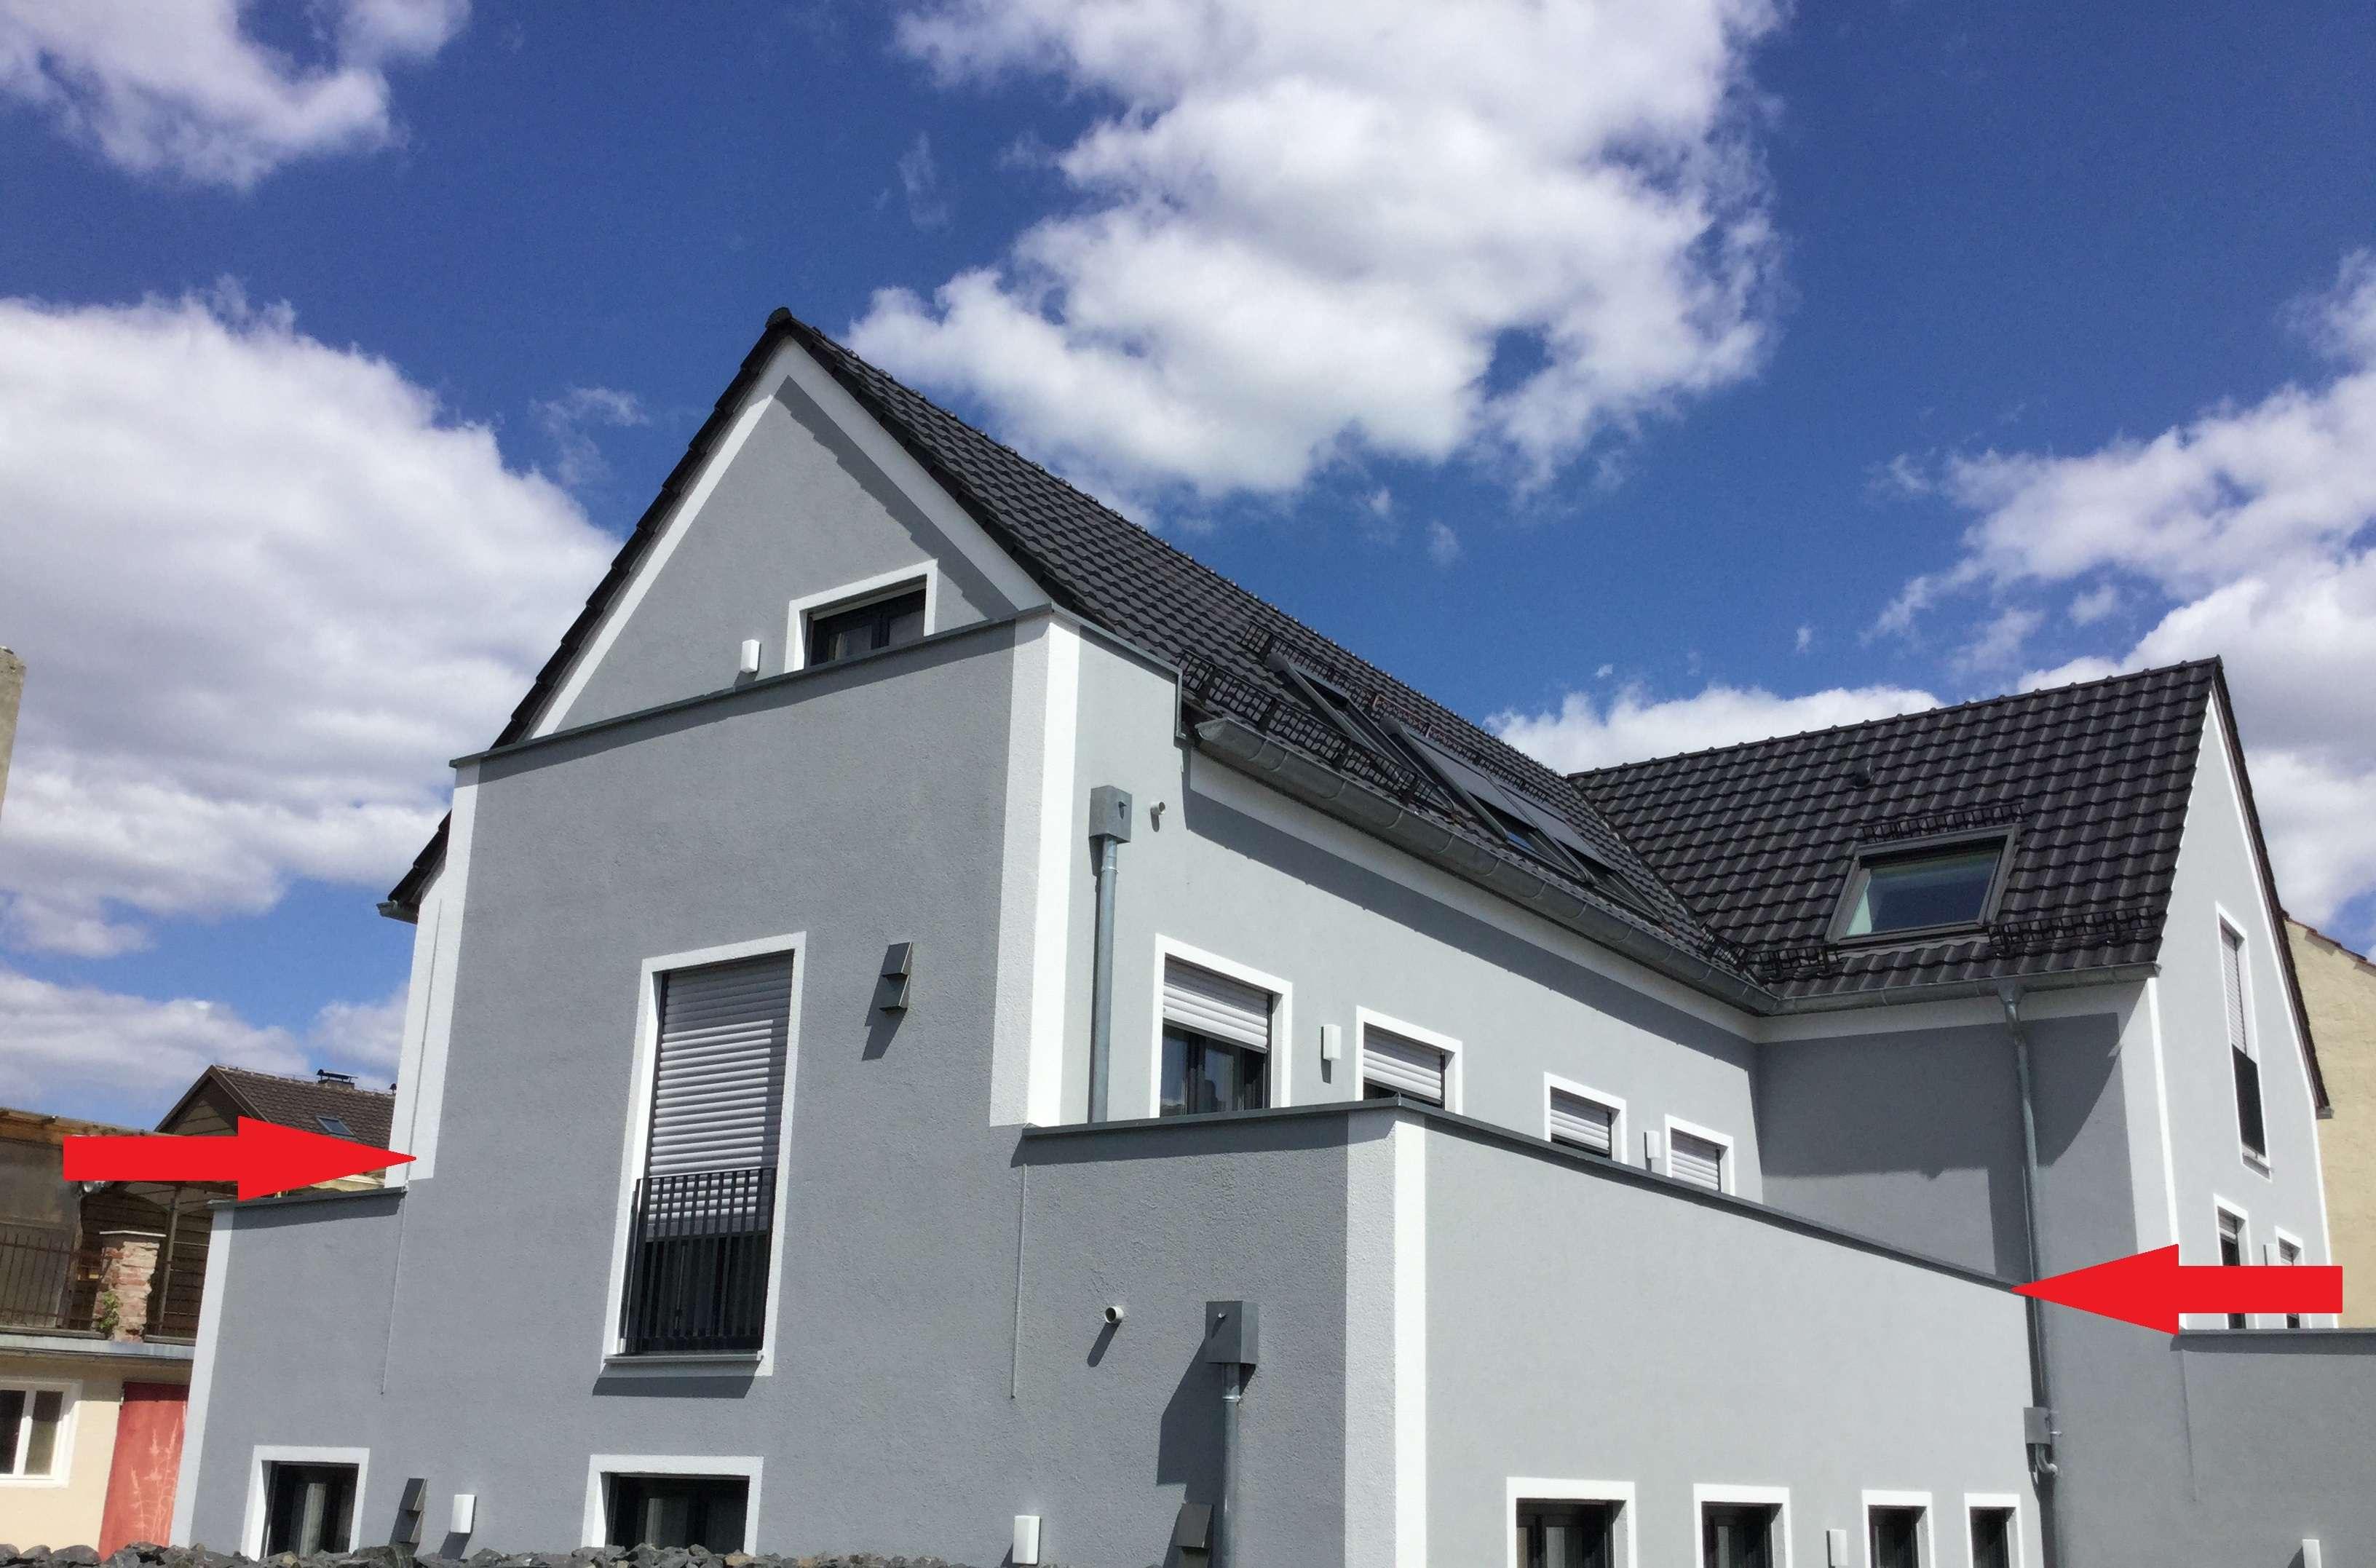 Exklusiv ausgestattete Wohnung in zentraler Lage in Gaimersheim zu vermieten